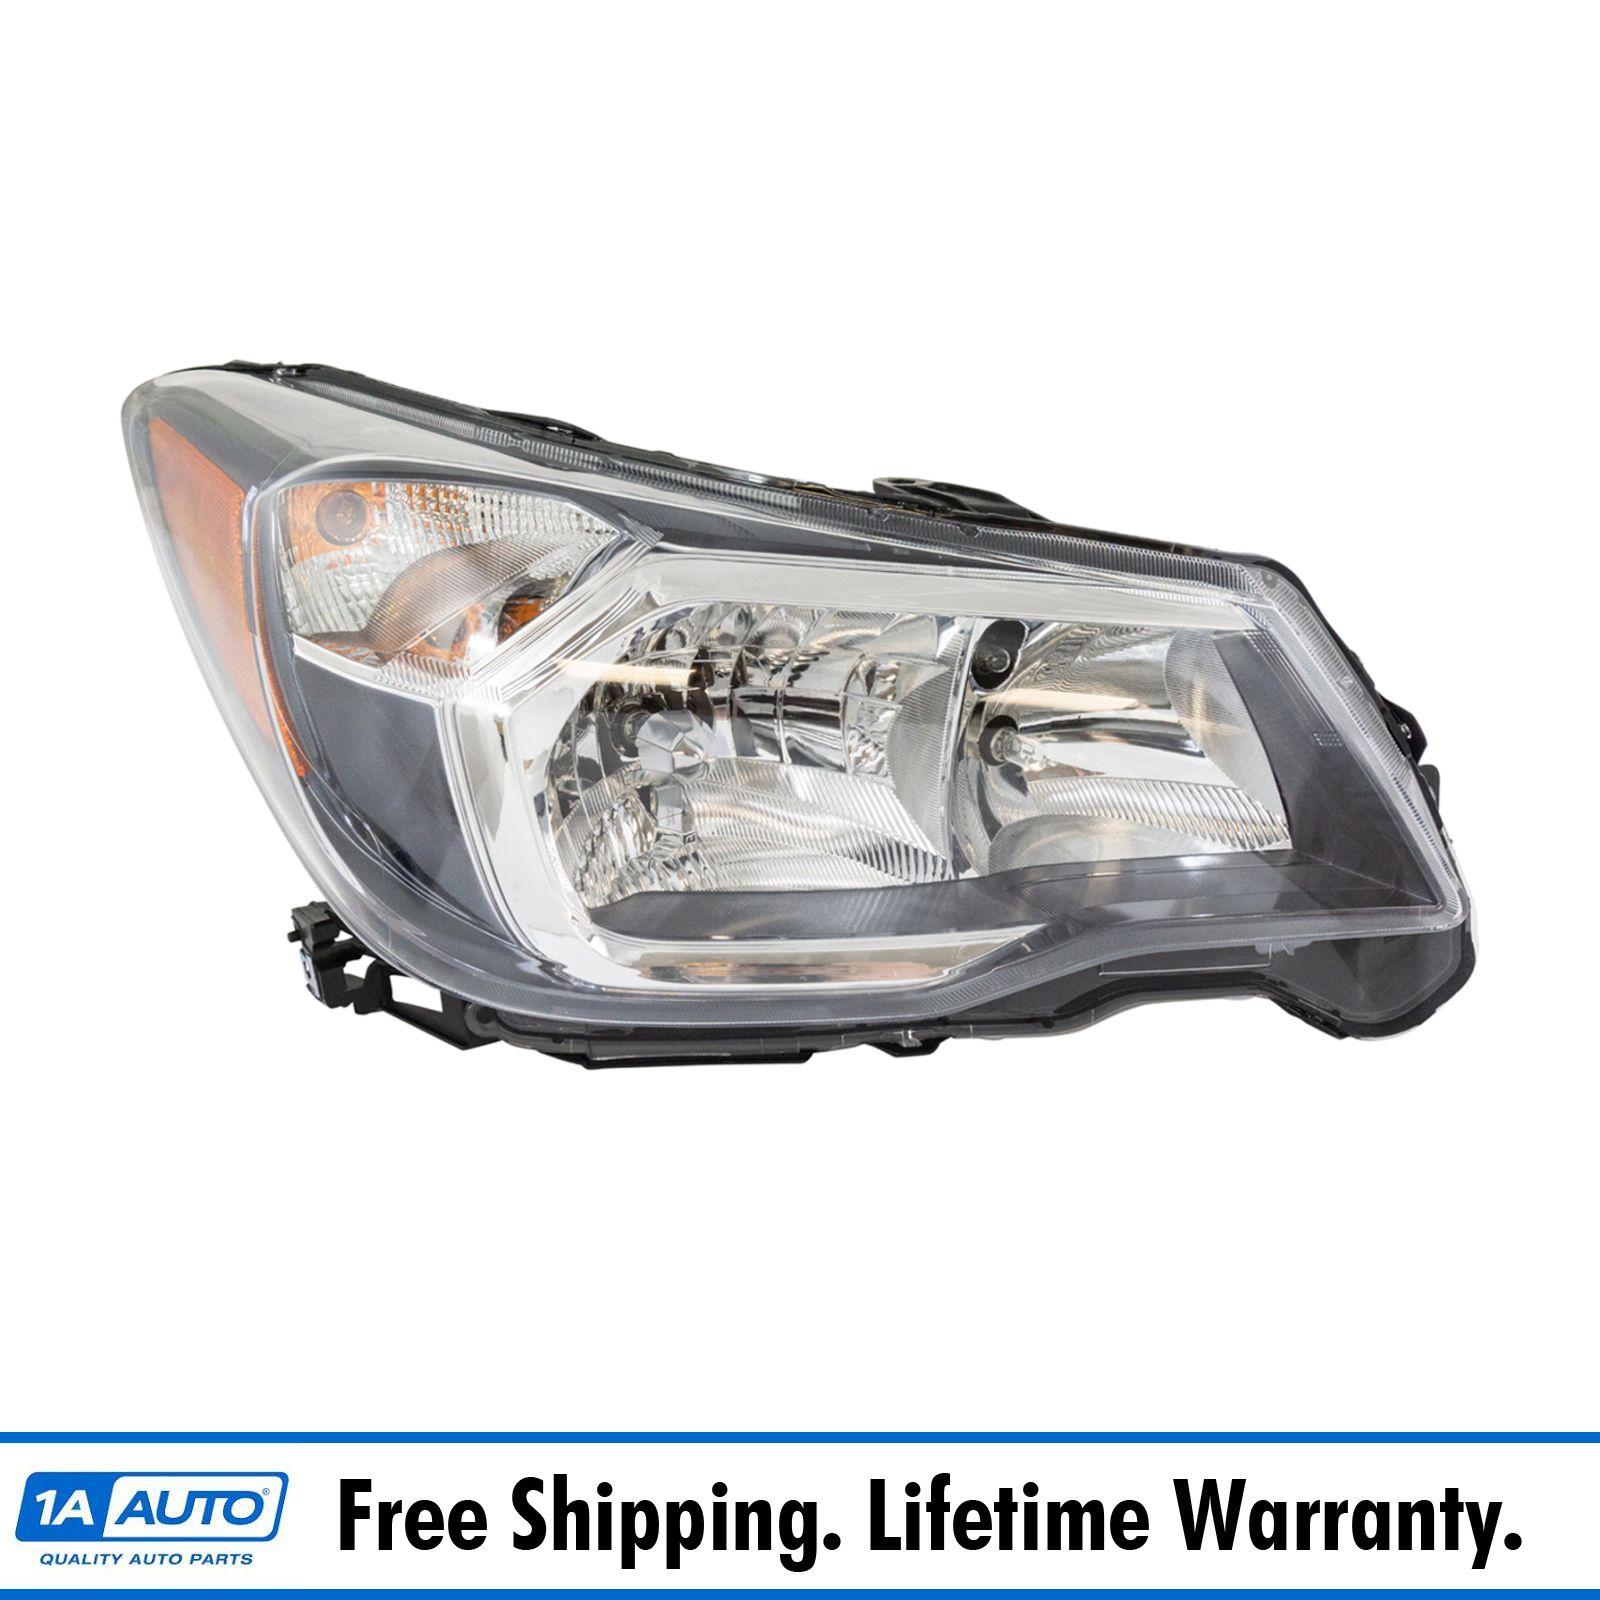 Halogen Headlight Headlamp Black Bezel LH RH Pair for 14-16 Subaru Forester 2.0L